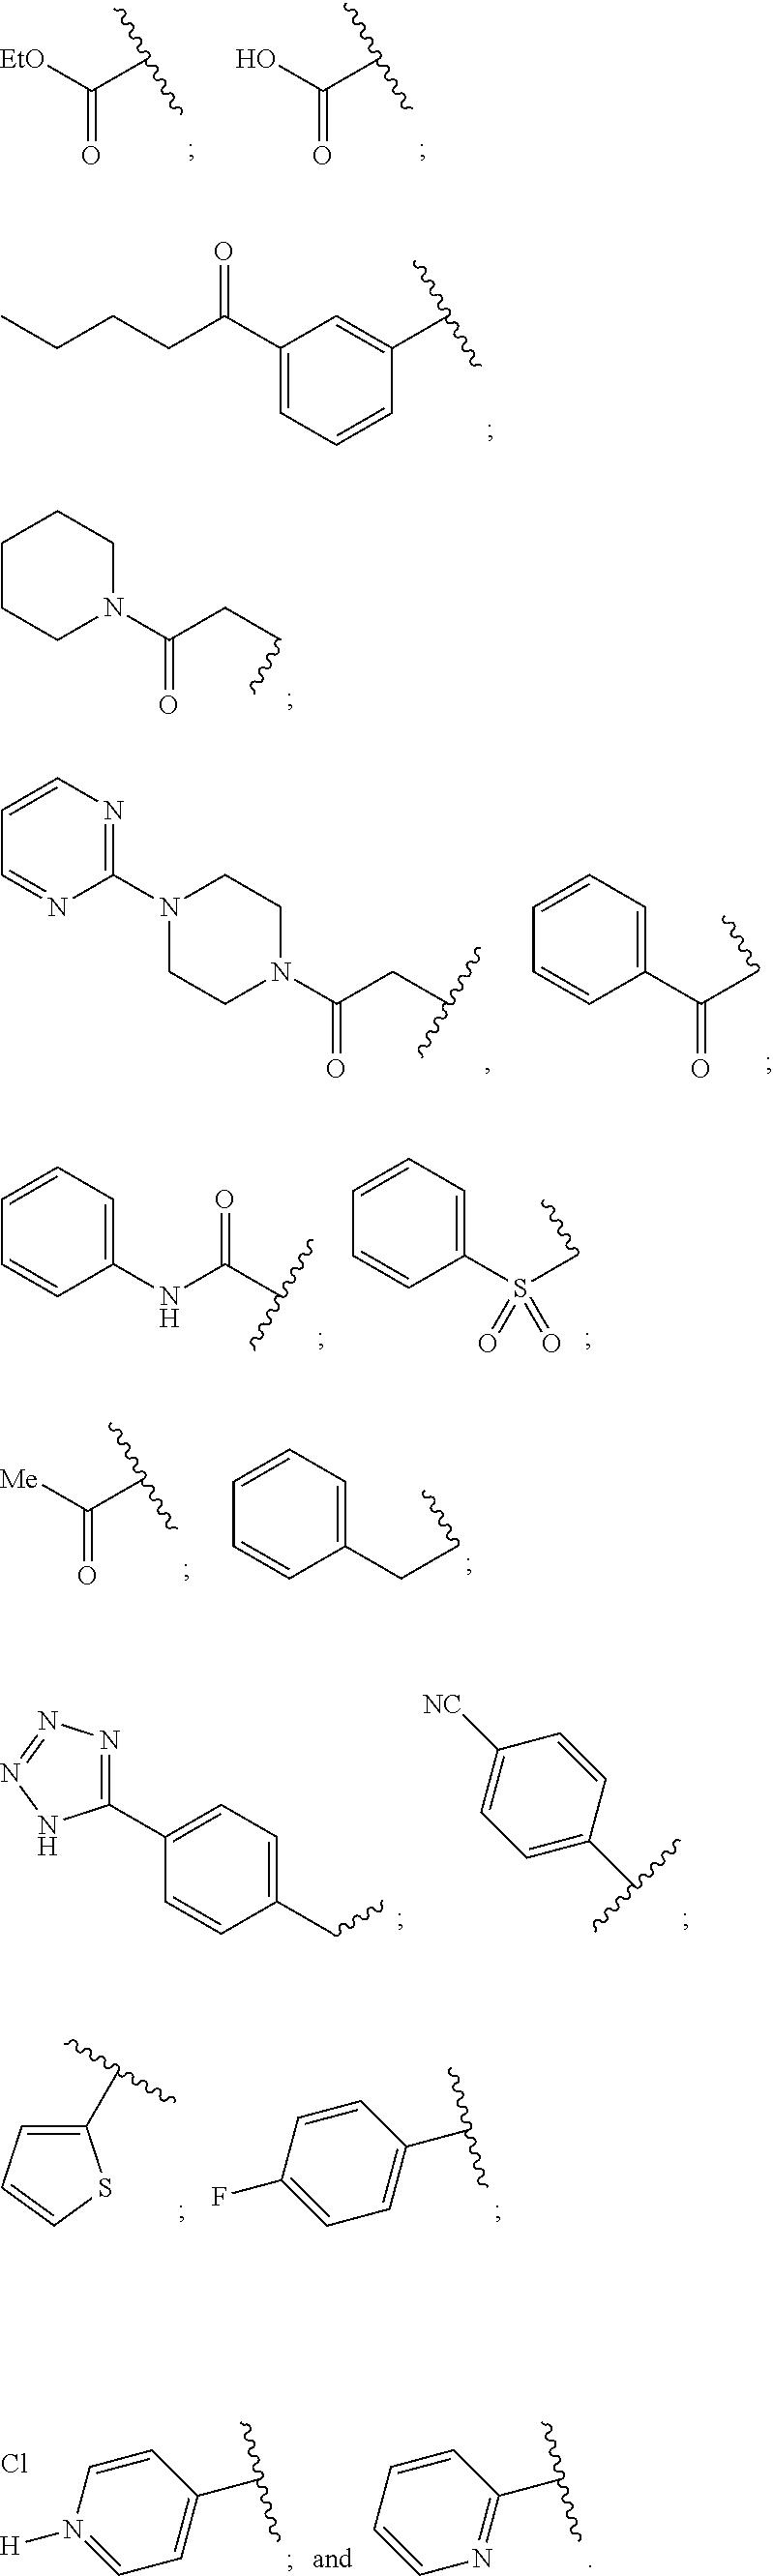 Figure US09566289-20170214-C00161